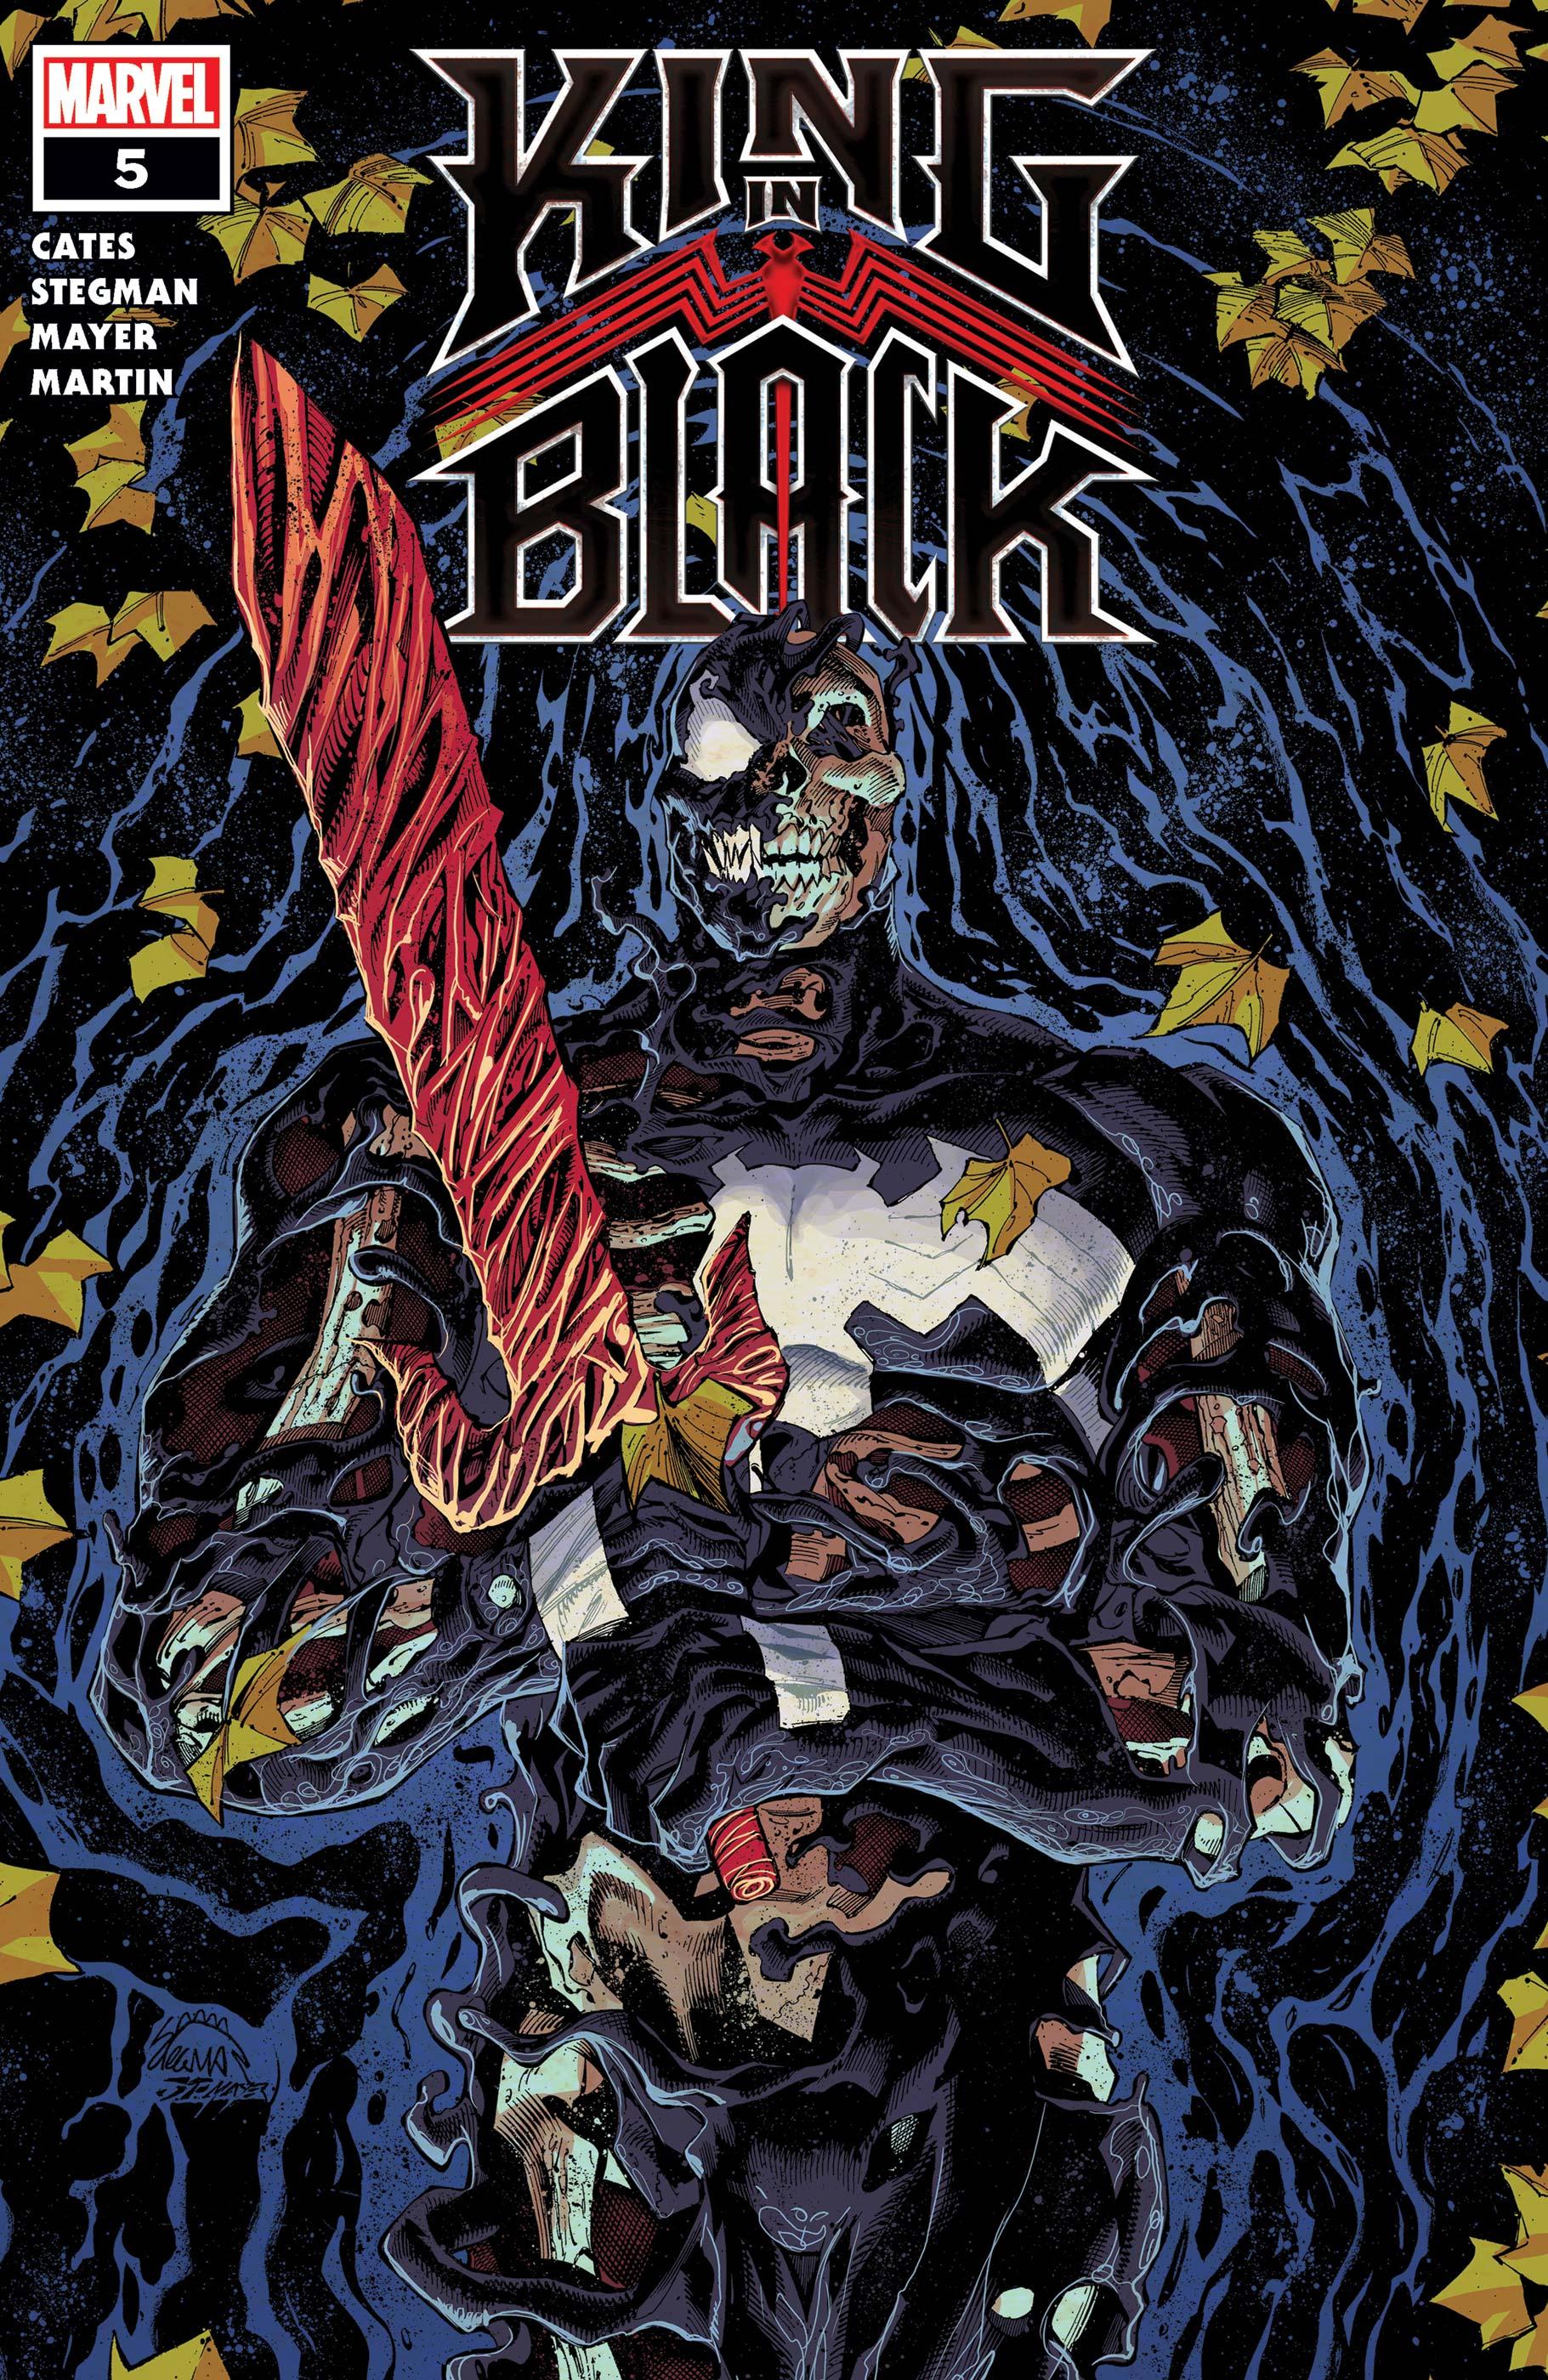 King in Black (2020) #5